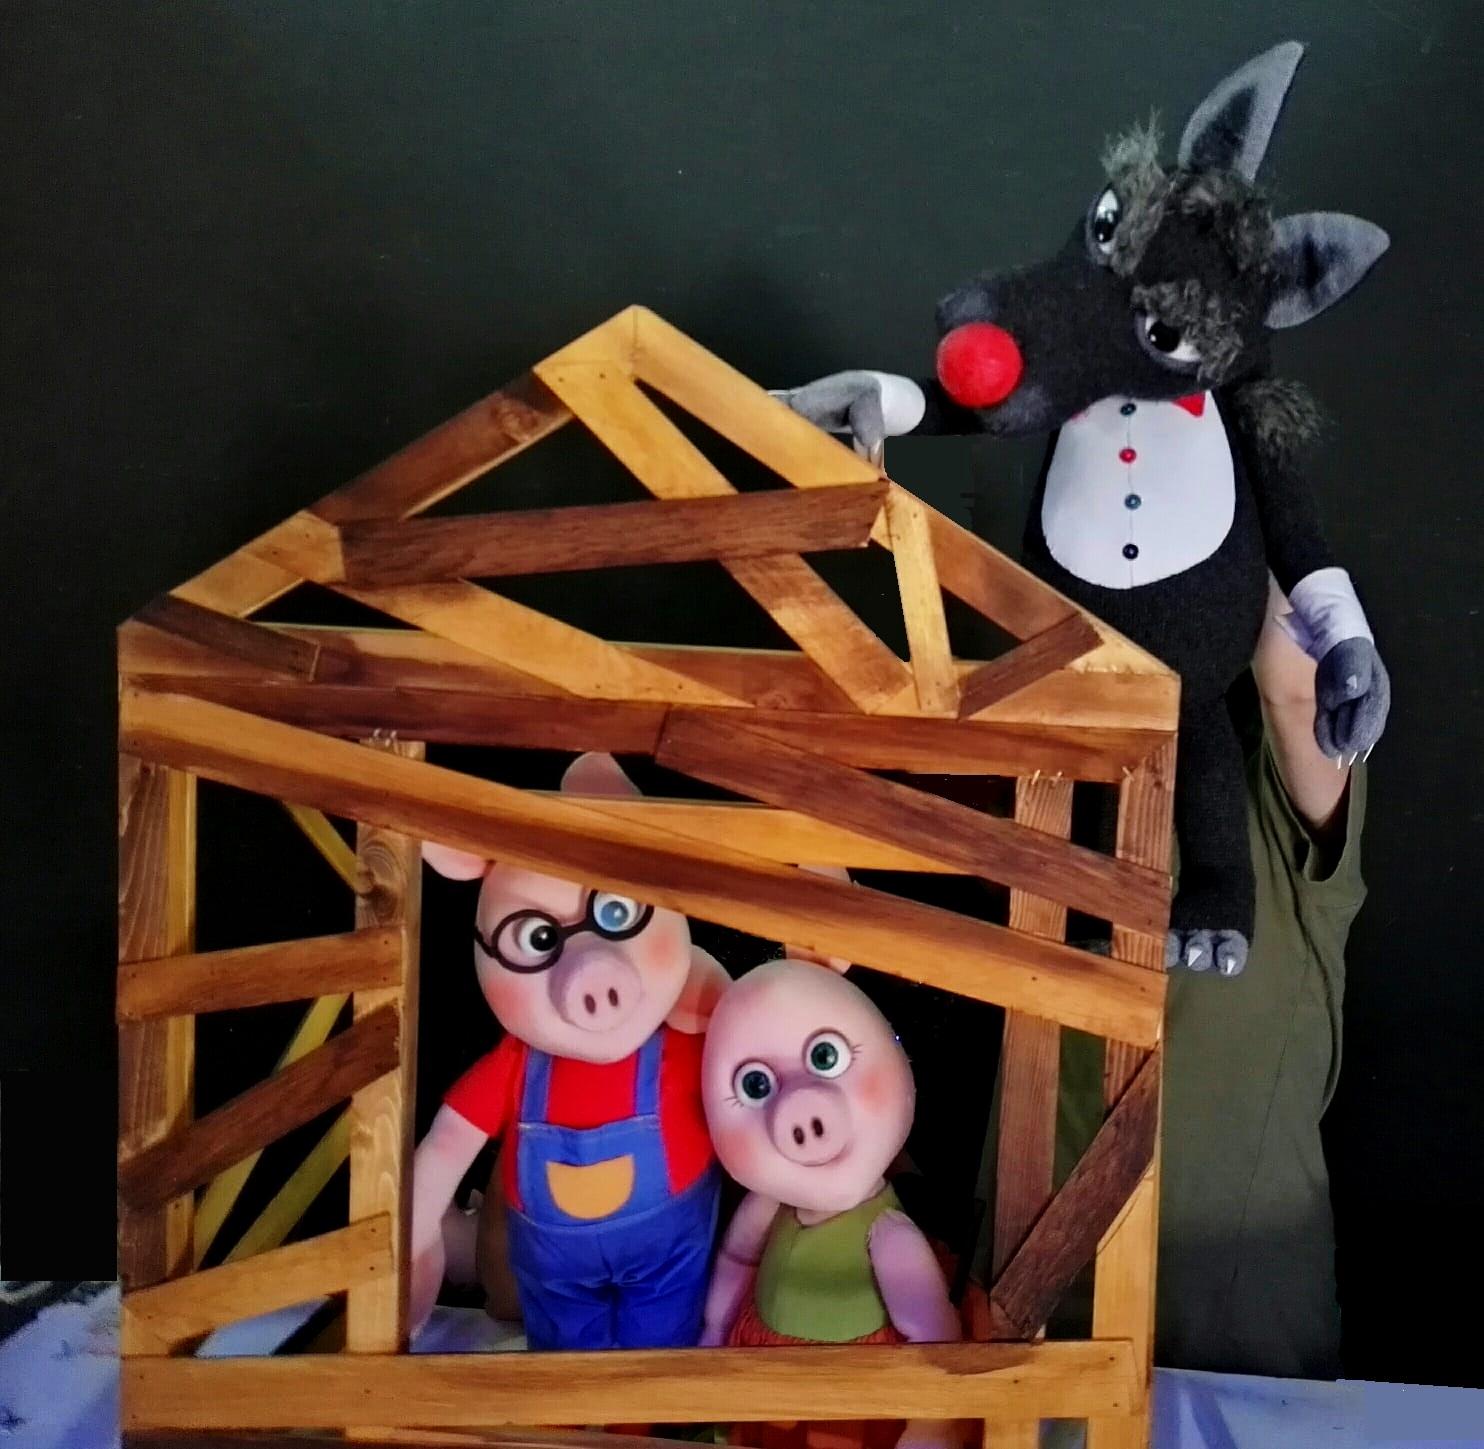 La celebre favola dei tre porcellini, domenica 10 Novembre 2019, al Teatro Comunale di Massafra